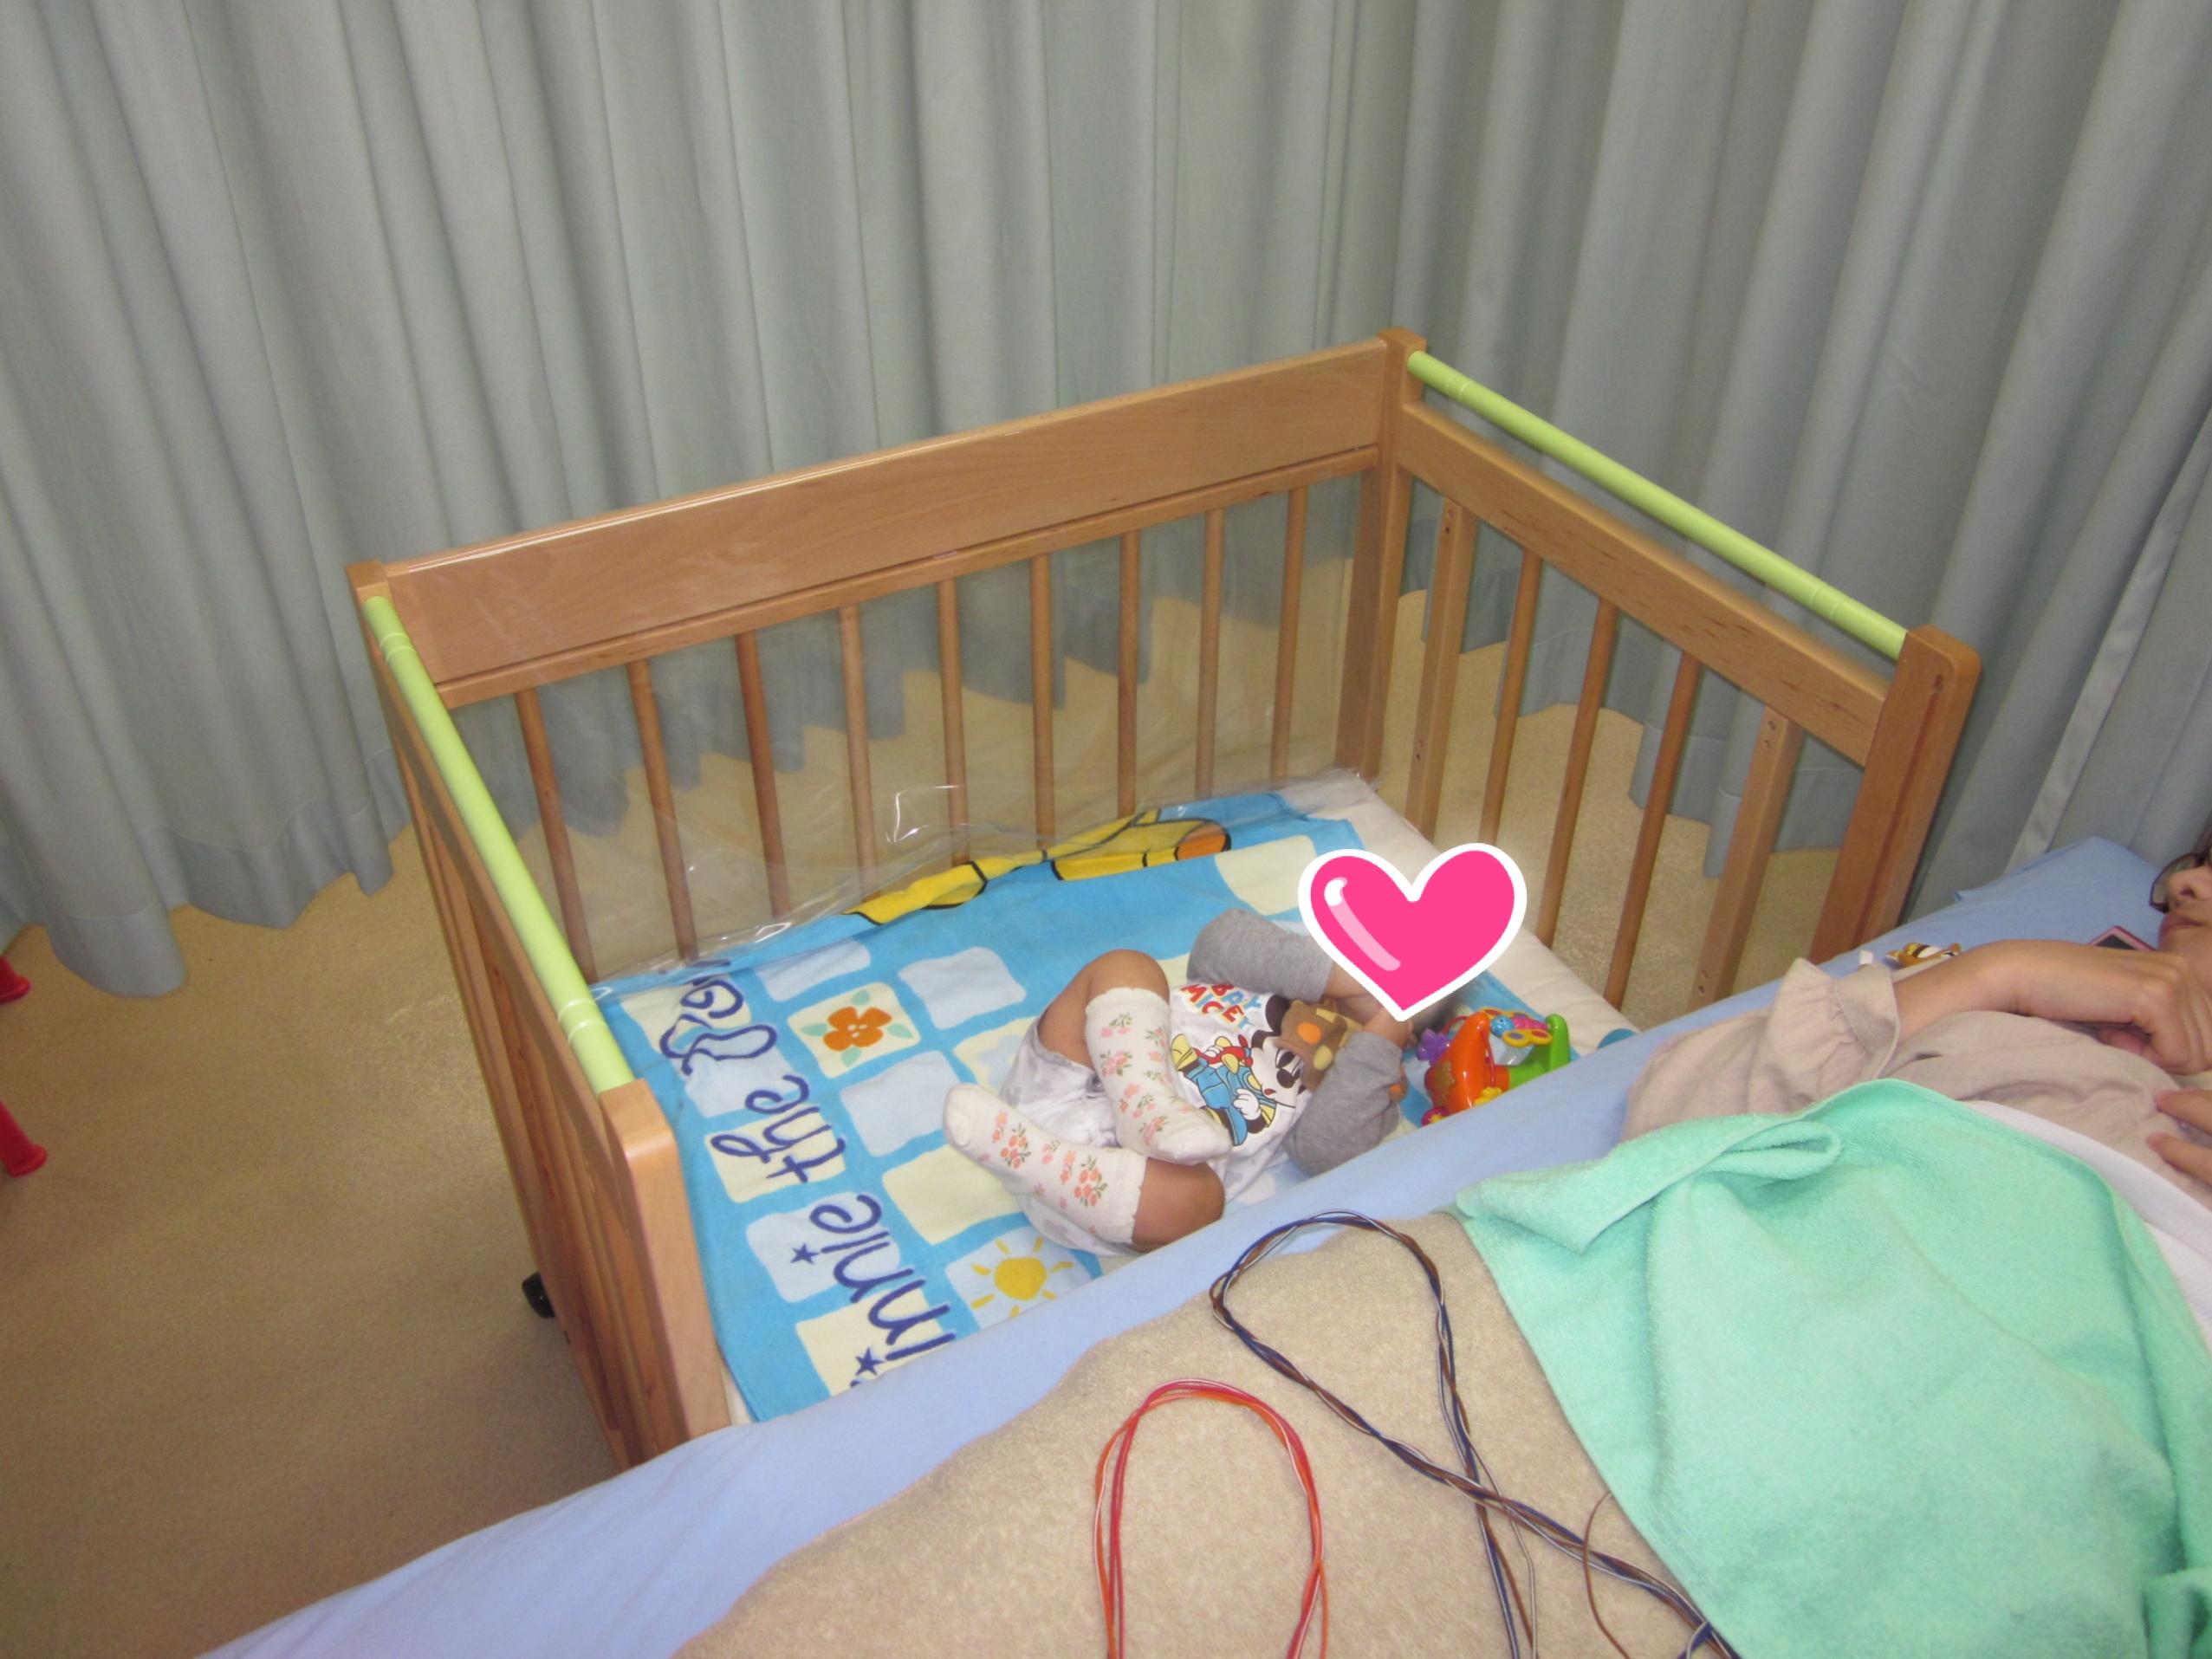 [ブログ]産後太りの方も来られいます。赤ちゃんの体重分痩せられてます!(結果には個人差があります。皆が同じ結果になるとは限りません)